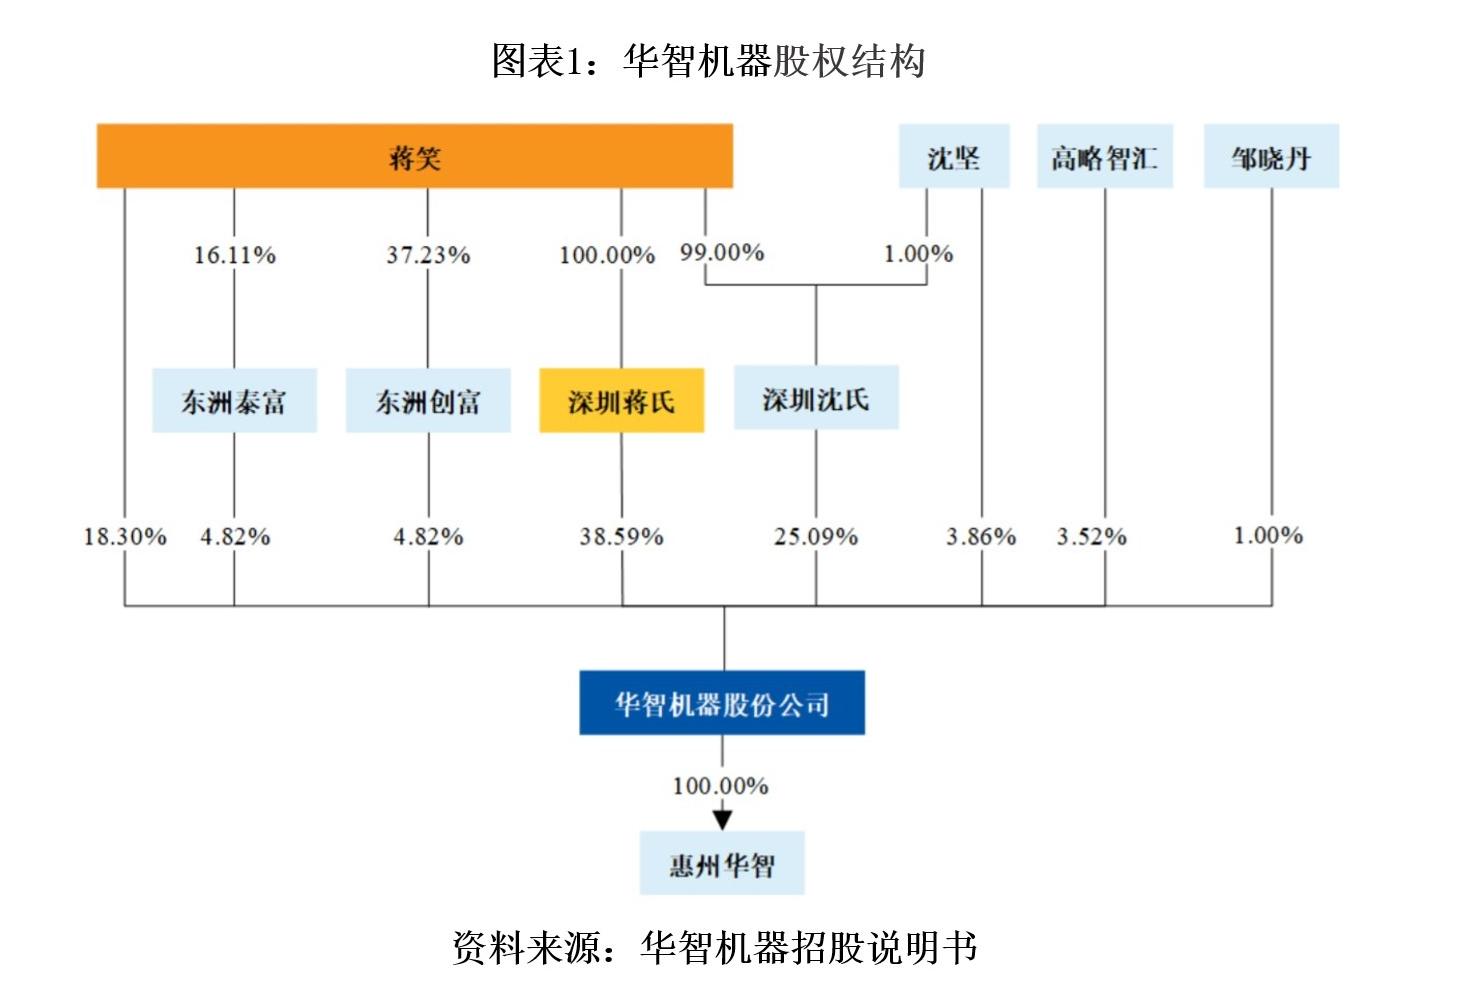 华智机器大客户依赖度高,毛利率大幅下滑